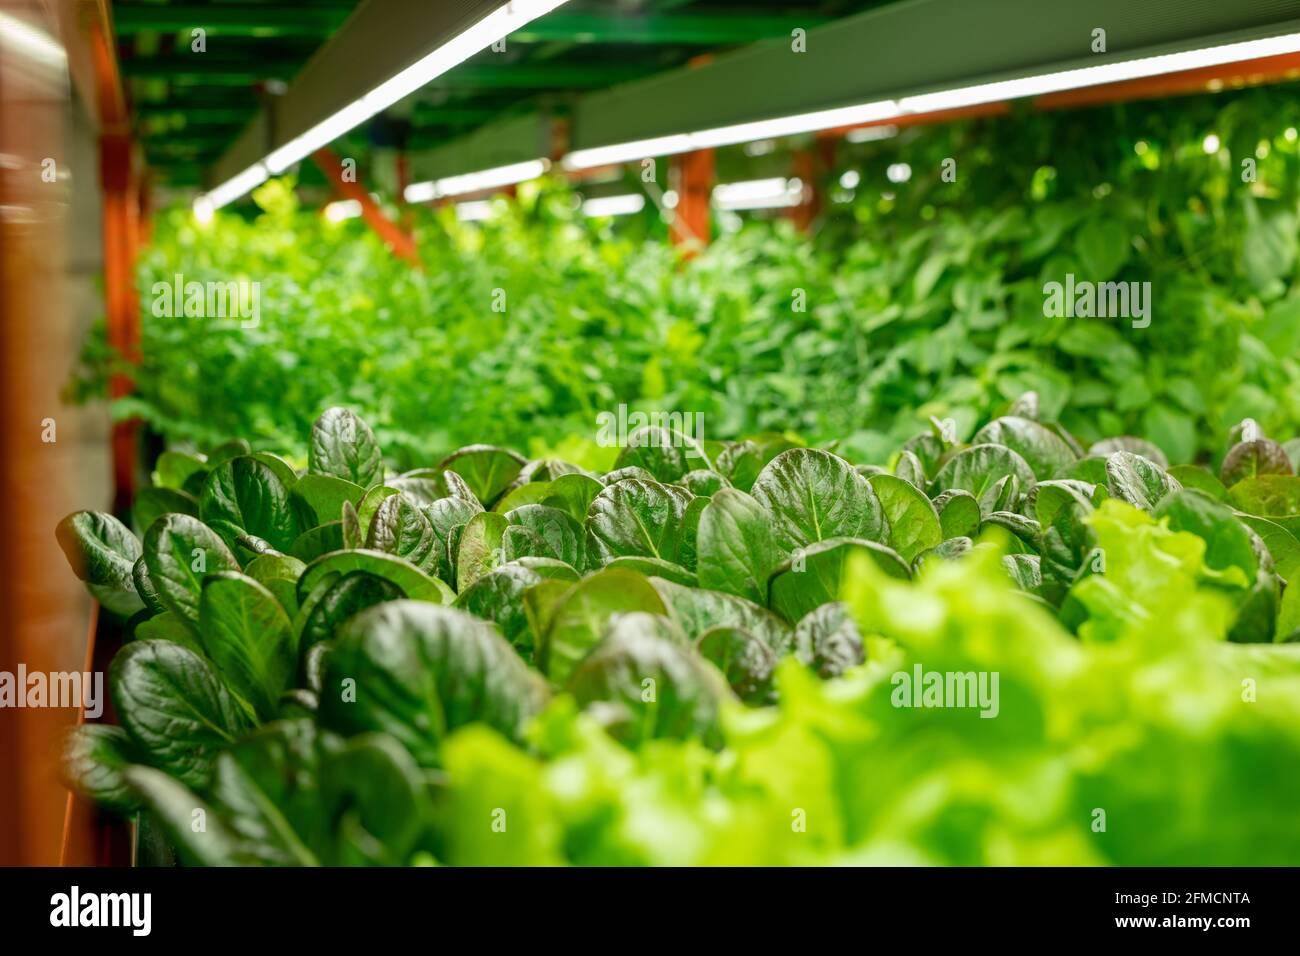 Gros plan de diverses sortes de laitue poussant sous l'agriculture verticale Système avec lampes LED Banque D'Images